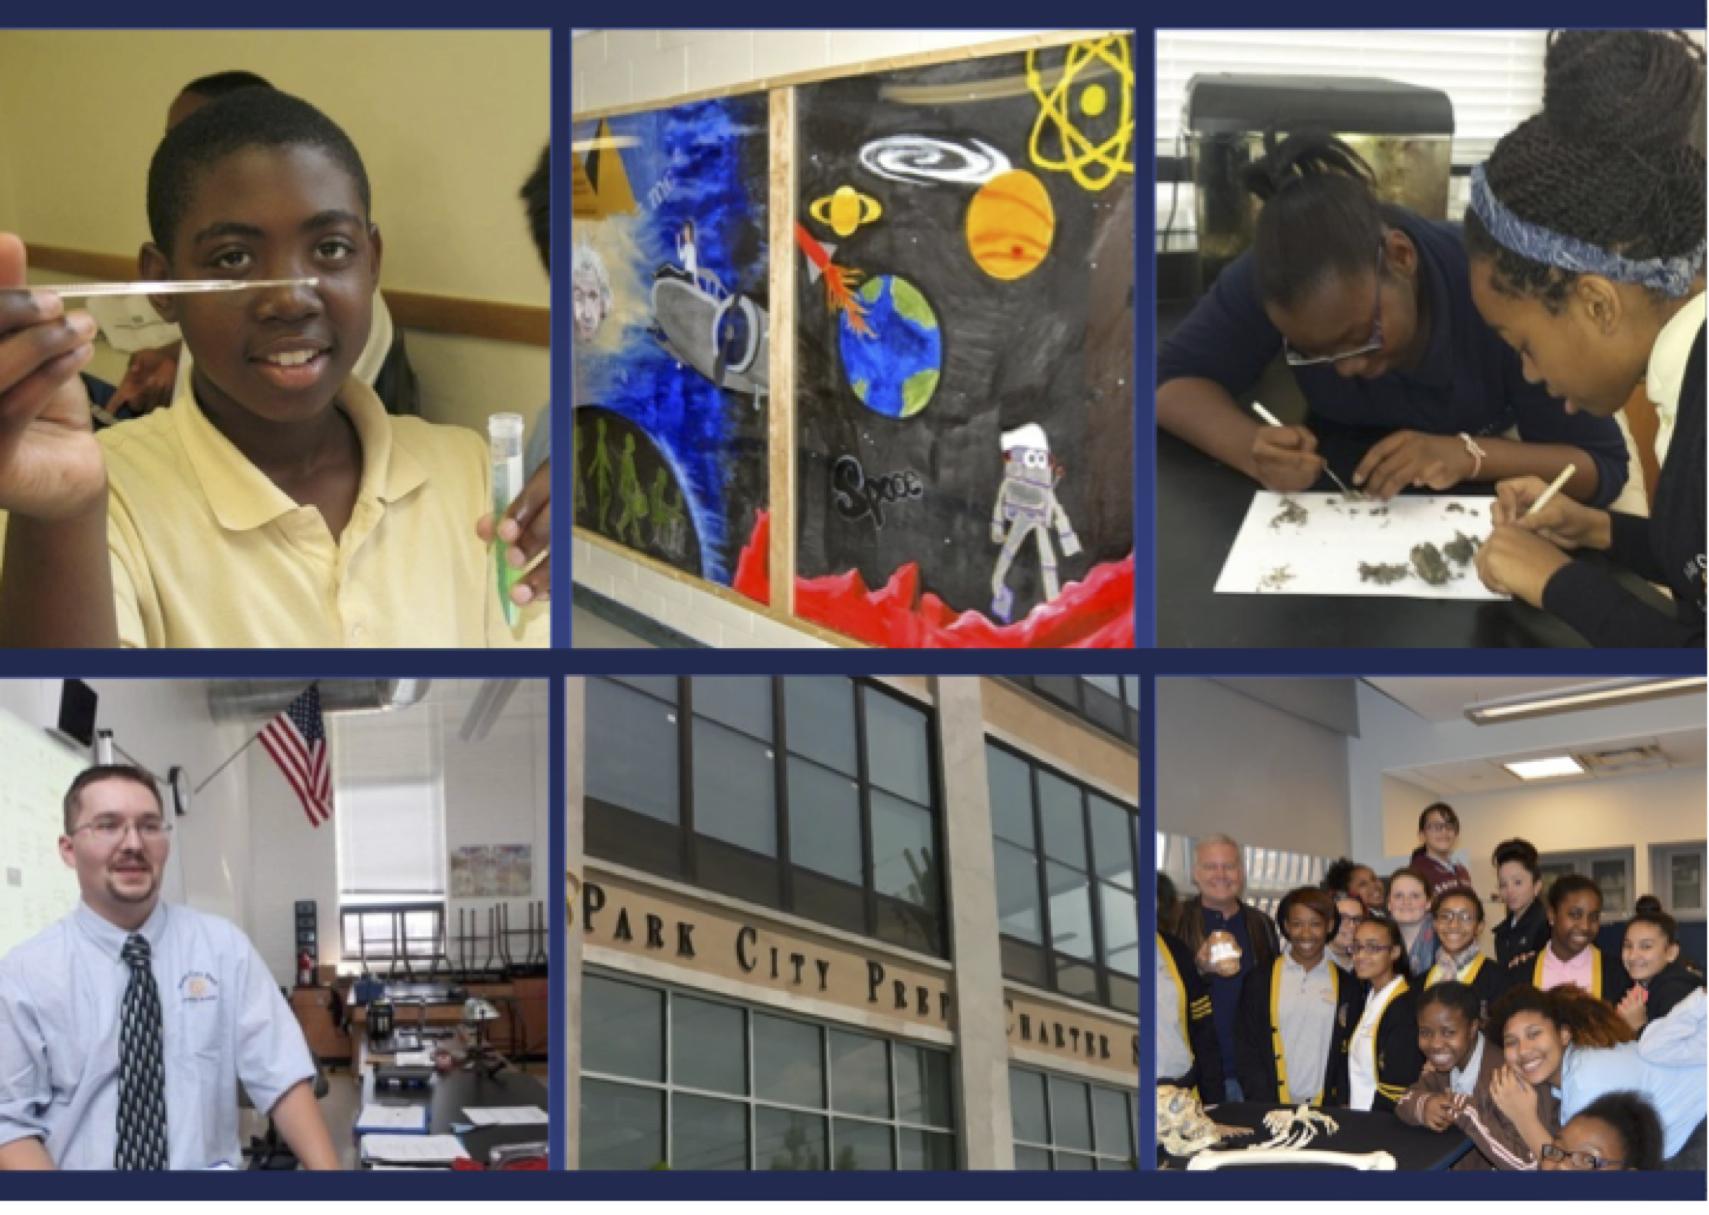 park city prep charter school inc park city prep essentials of